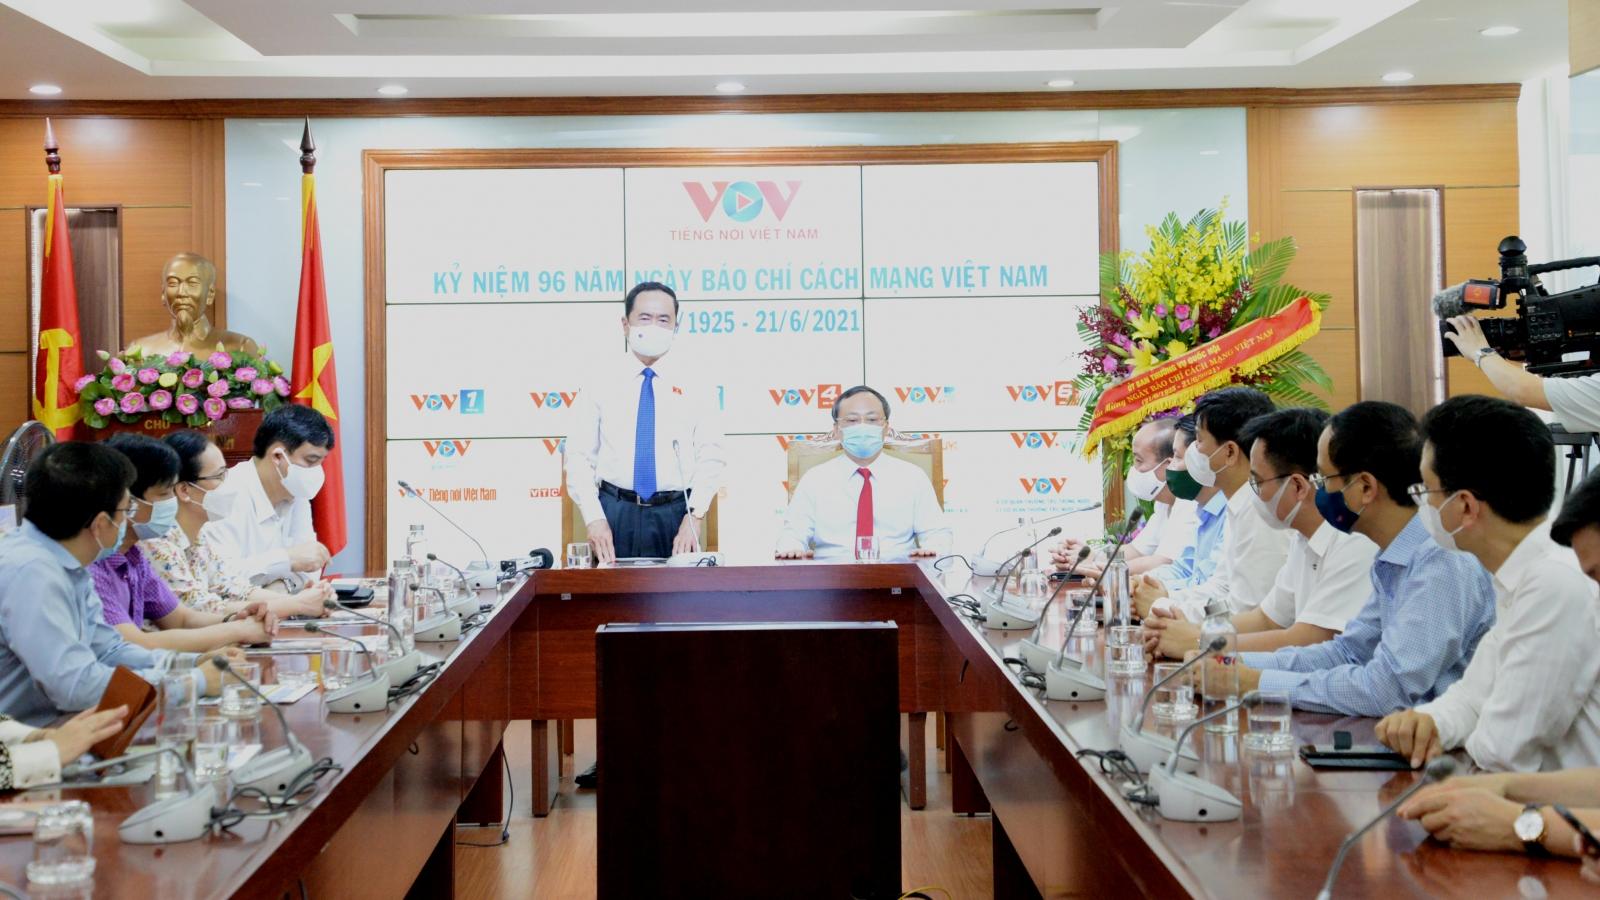 Phó Chủ tịch Thường trực Quốc hội Trần Thanh Mẫn chúc mừng VOV nhân ngày 21/6